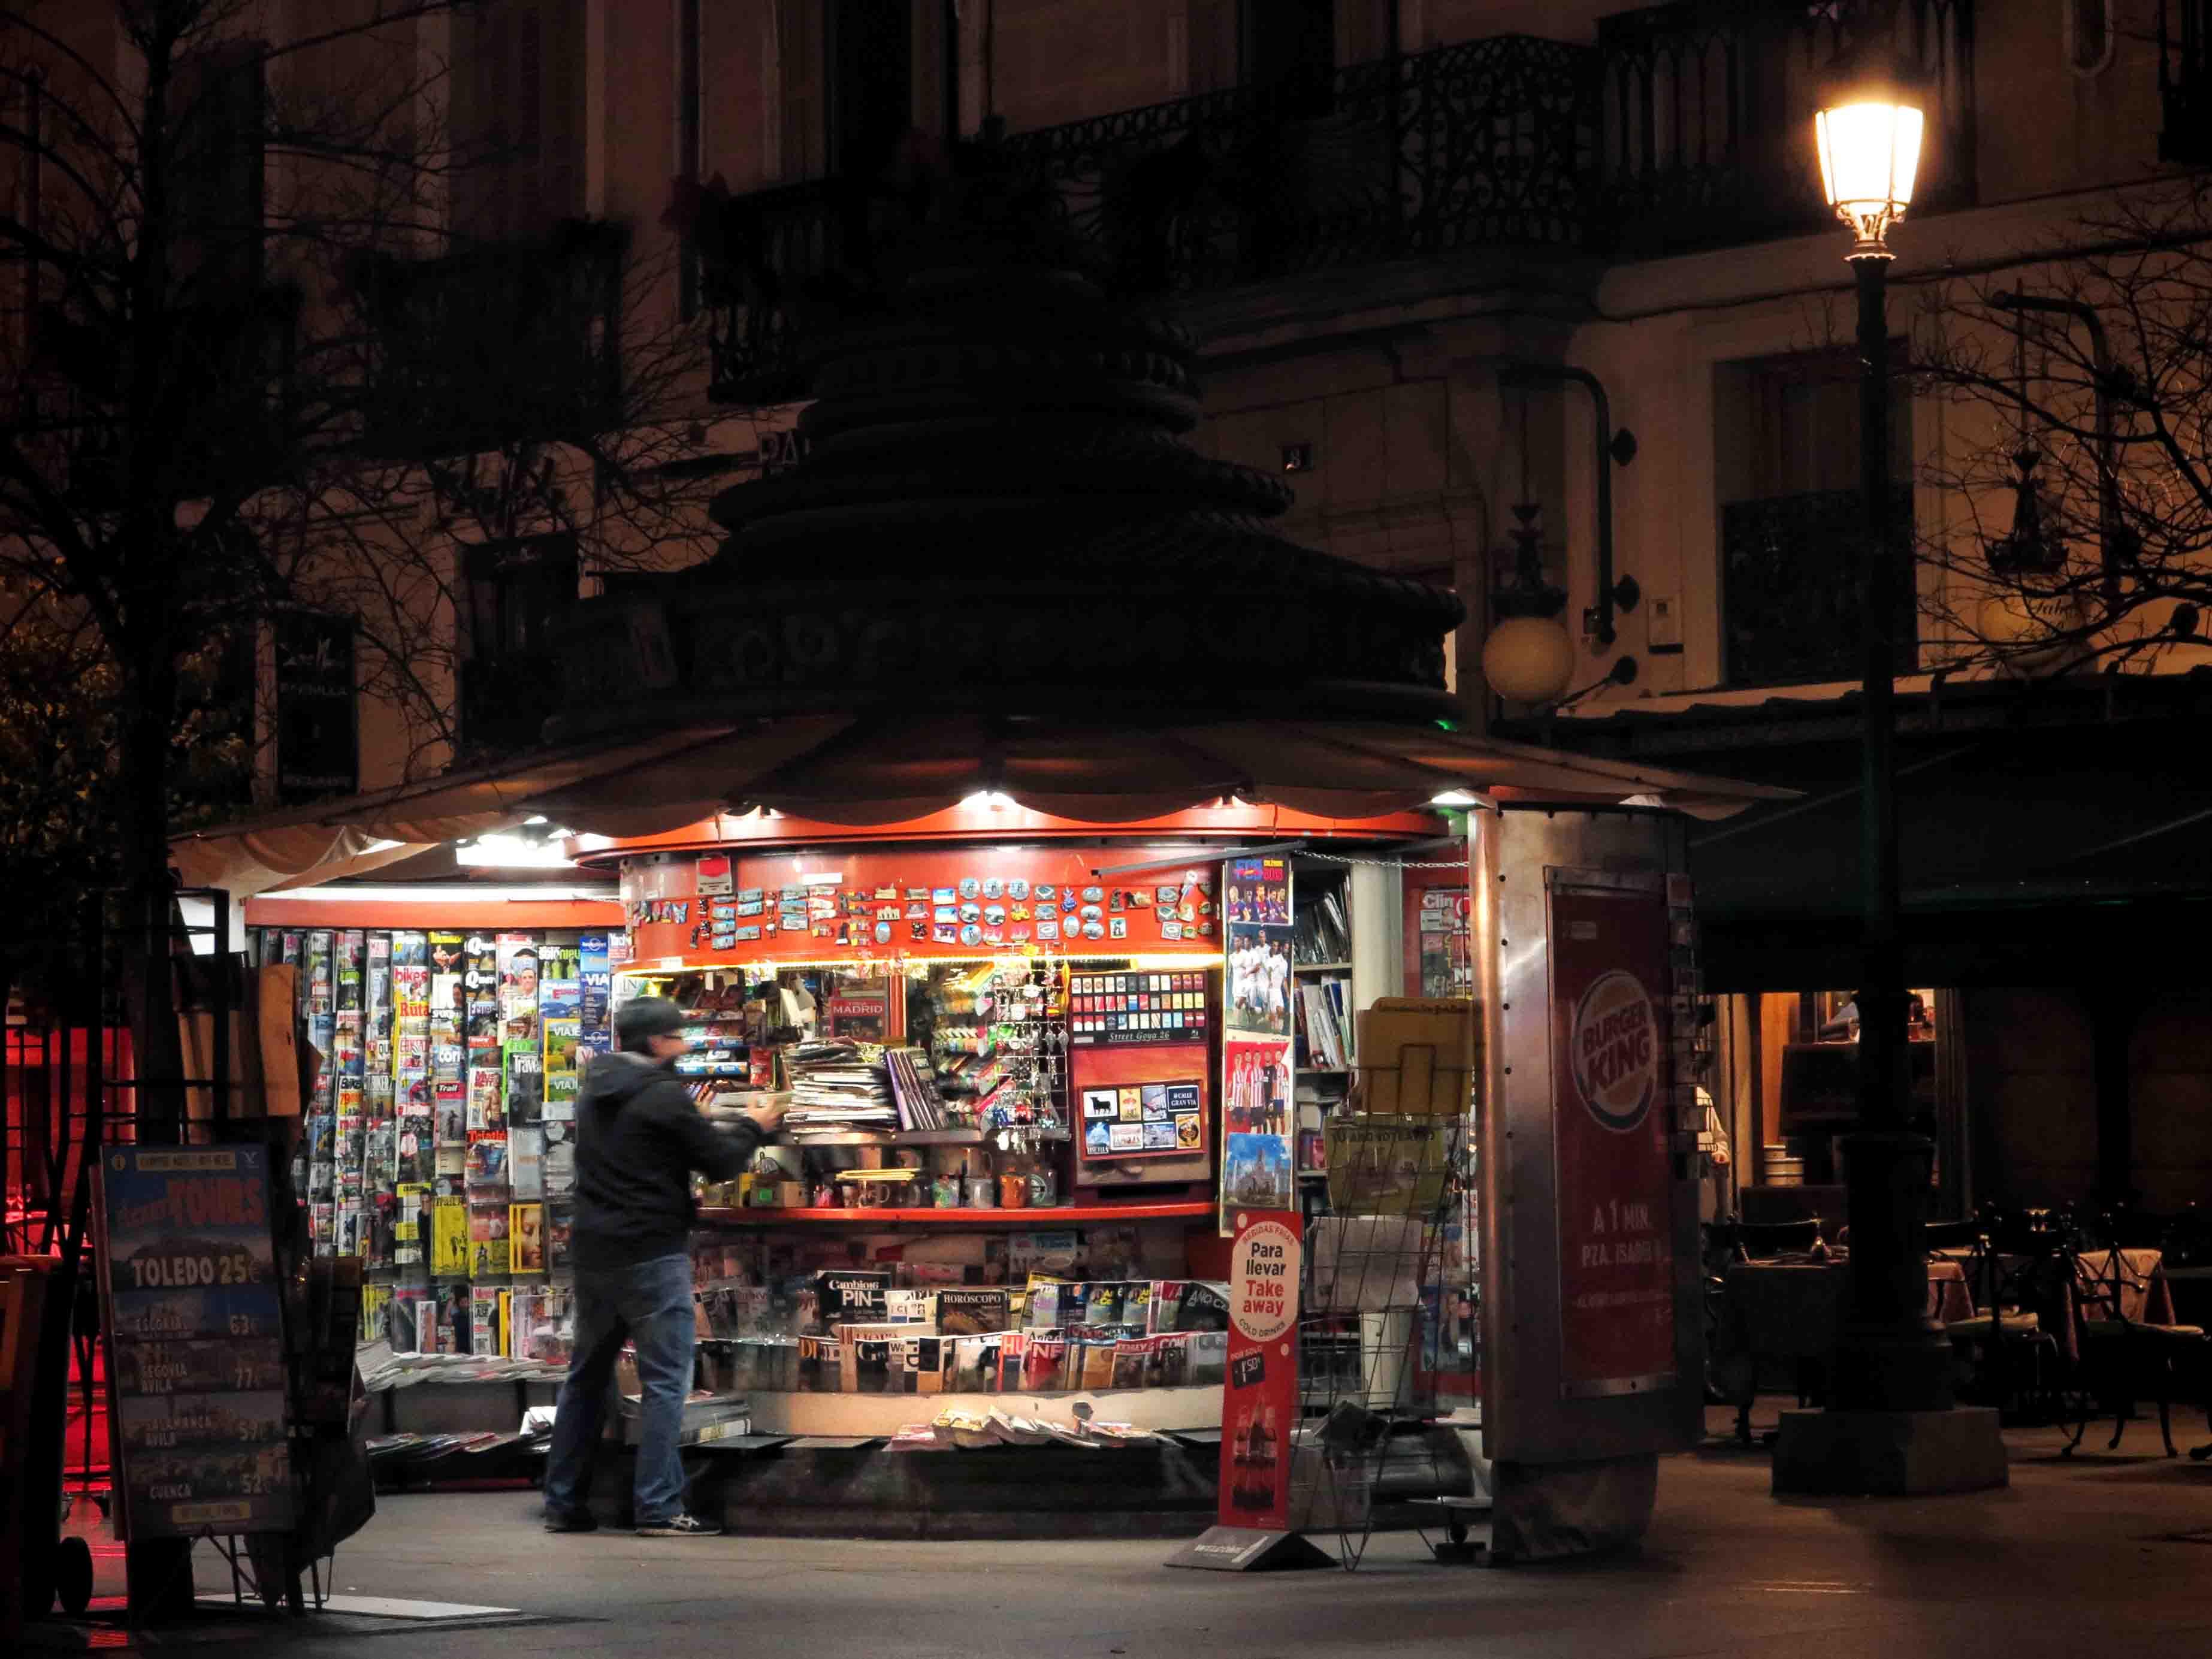 Sergio at his kiosk on Plaza Opera